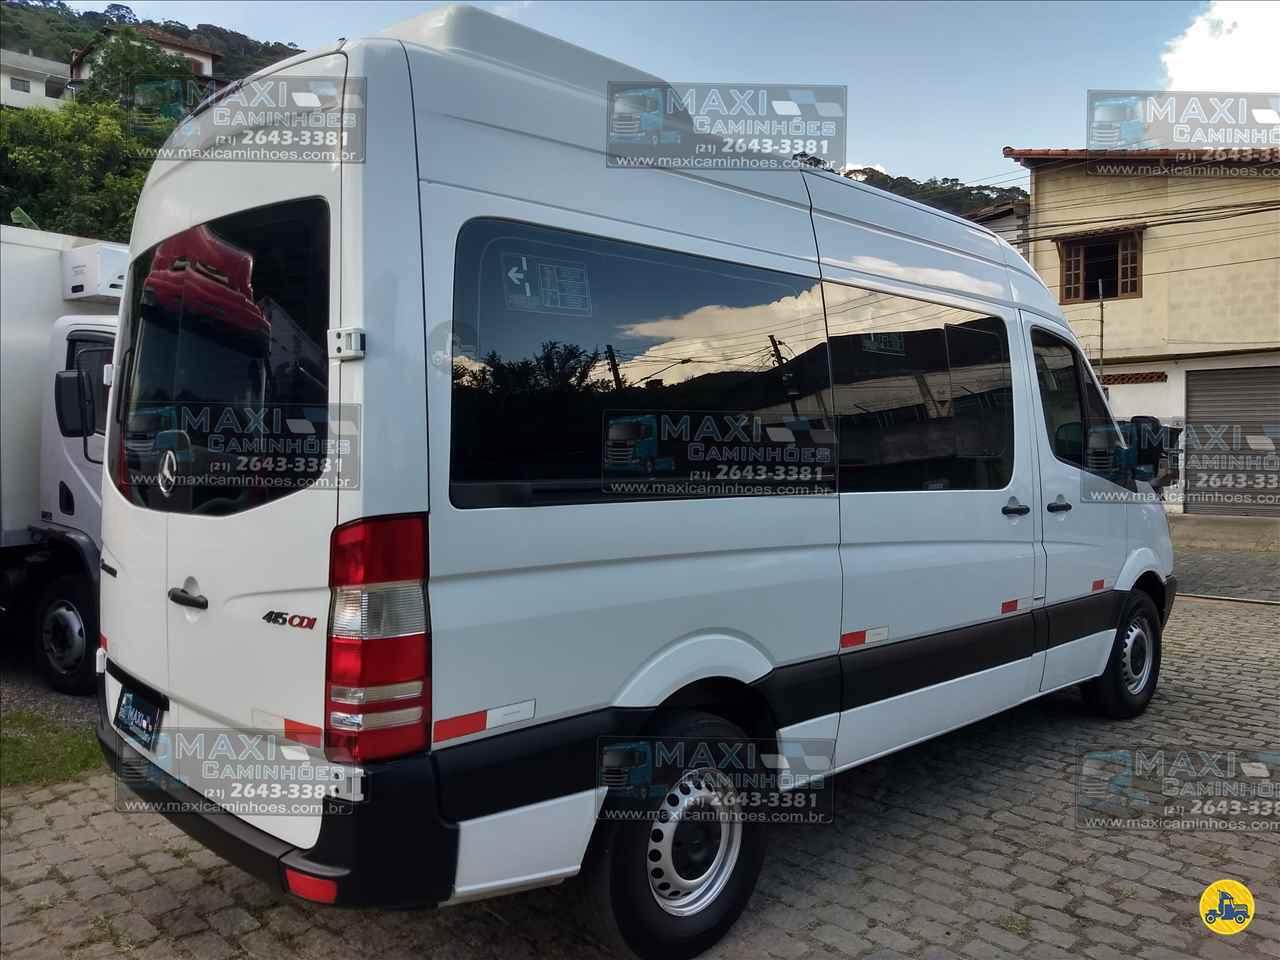 MERCEDES-BENZ Sprinter VAN 415 651000km 2014/2014 Maxi Caminhões